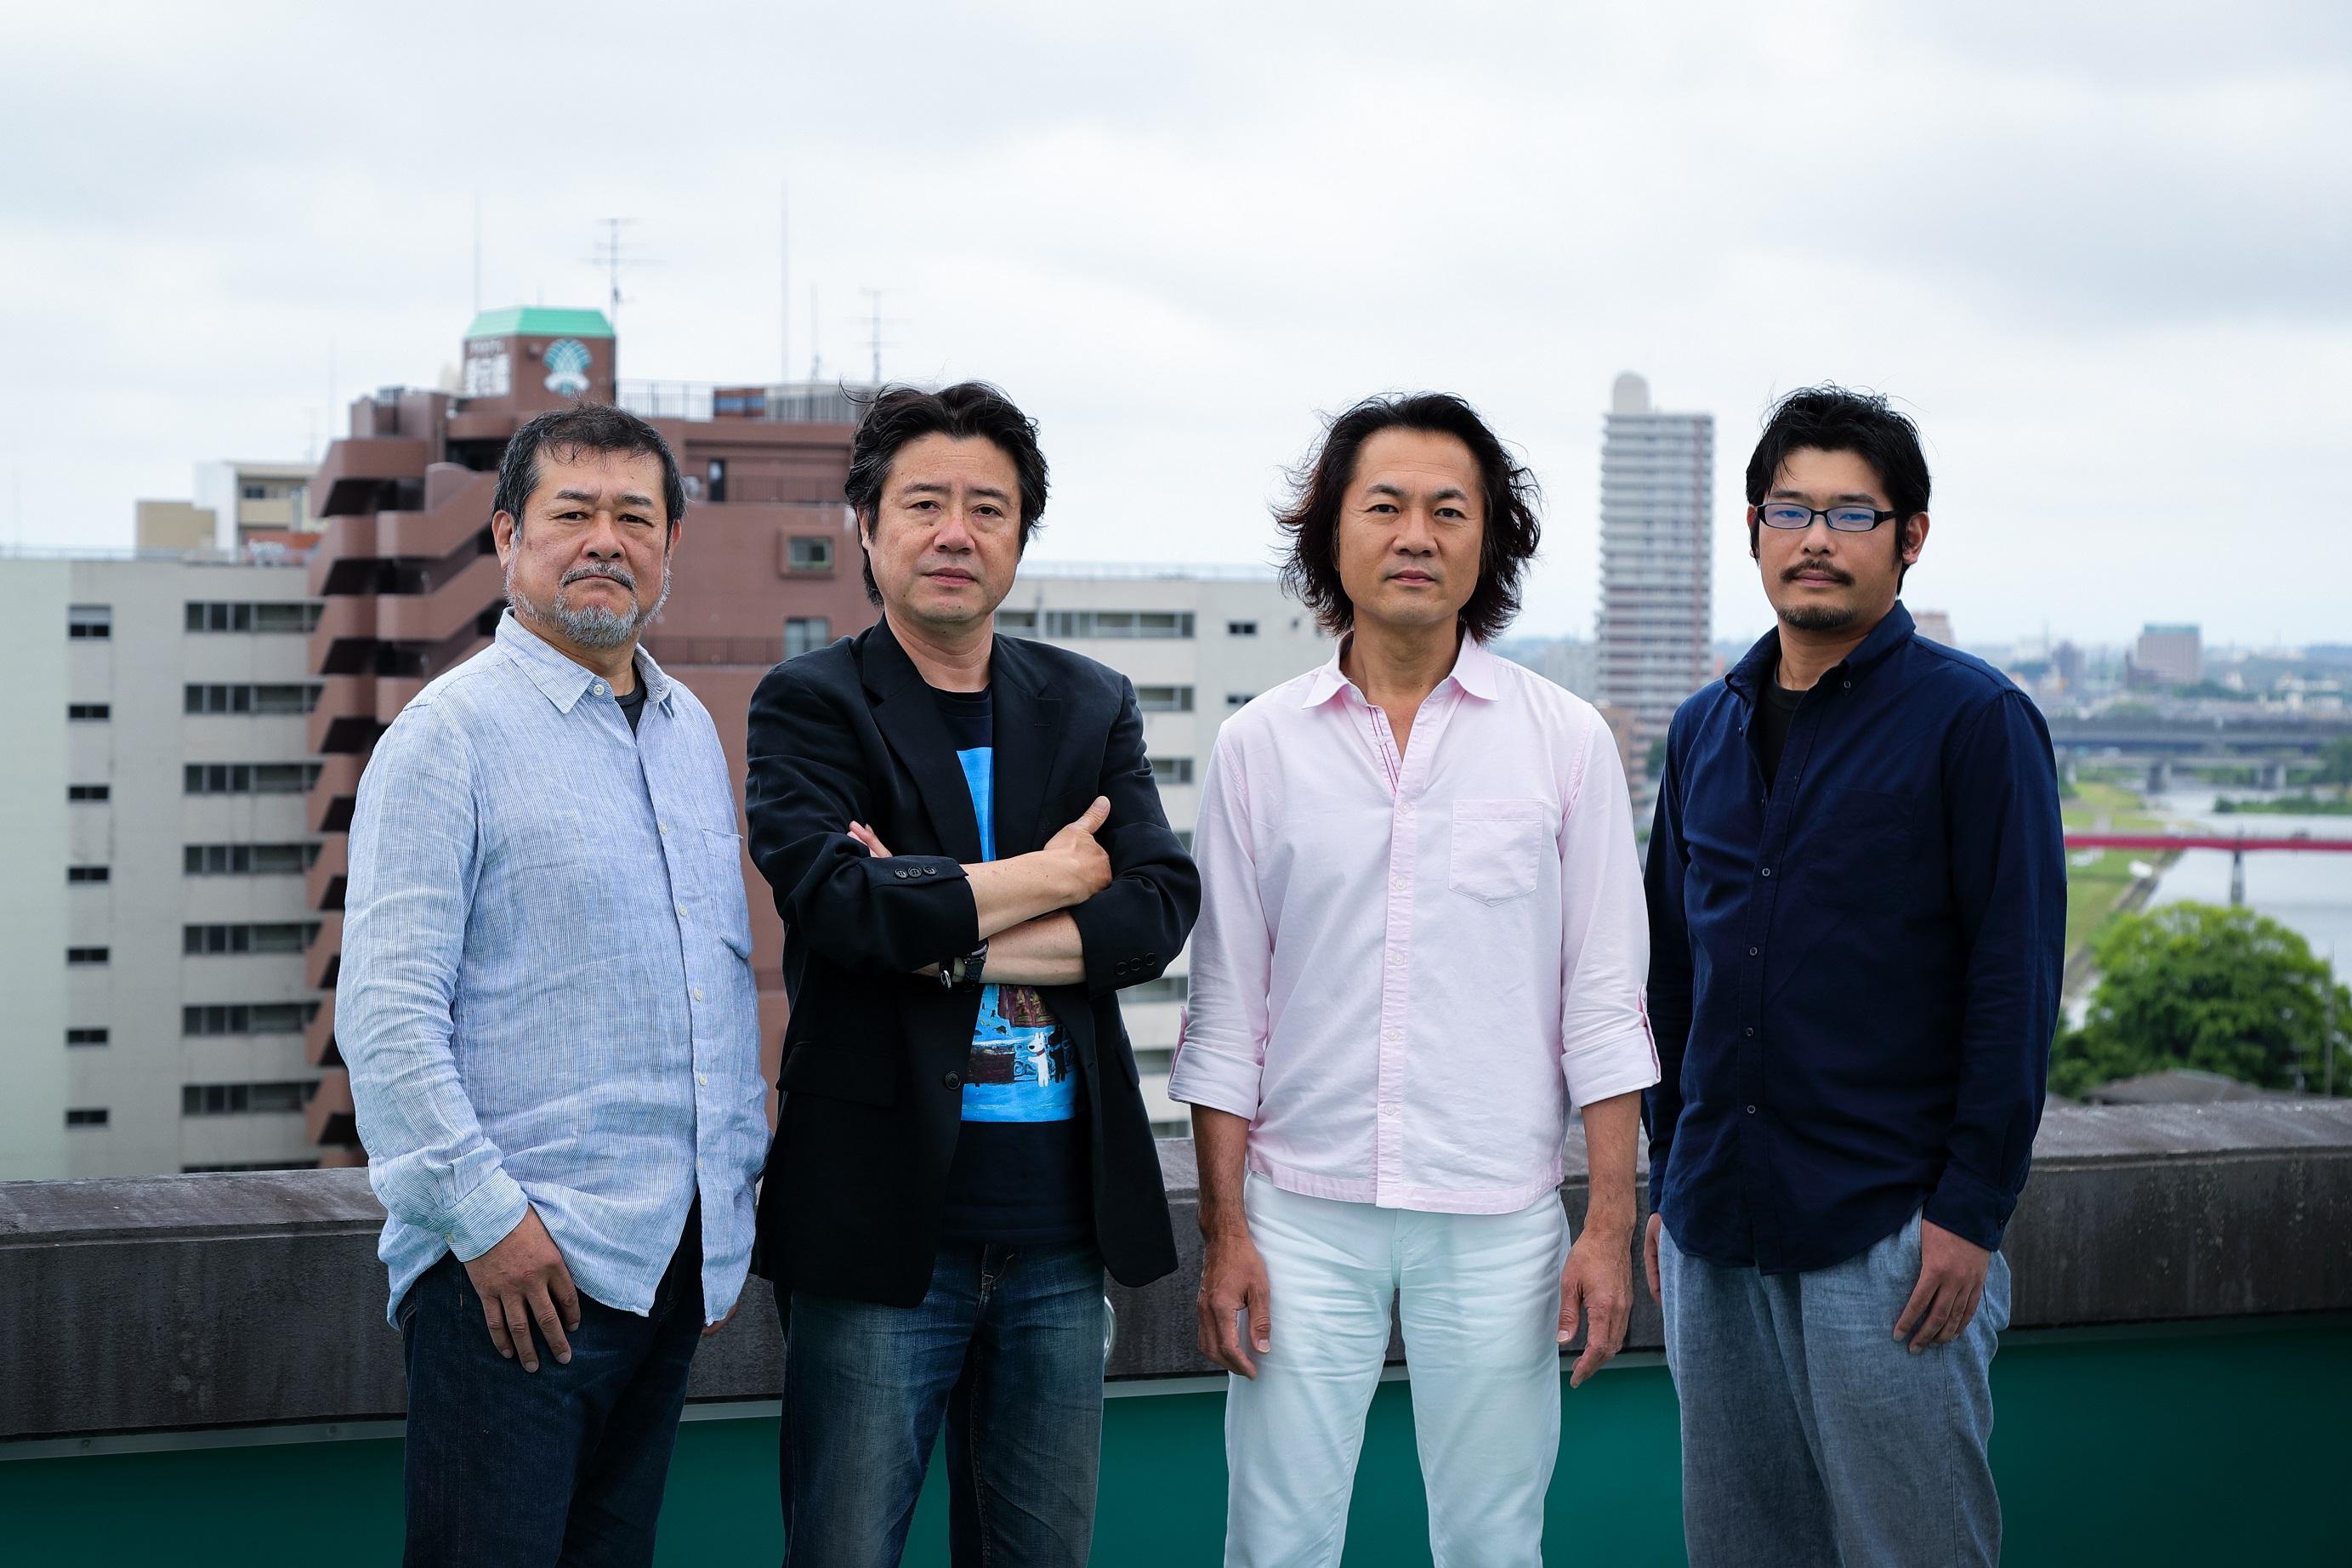 【全文掲載】SENDAI座☆プロジェクト『十二人の怒れる男』インタビュー